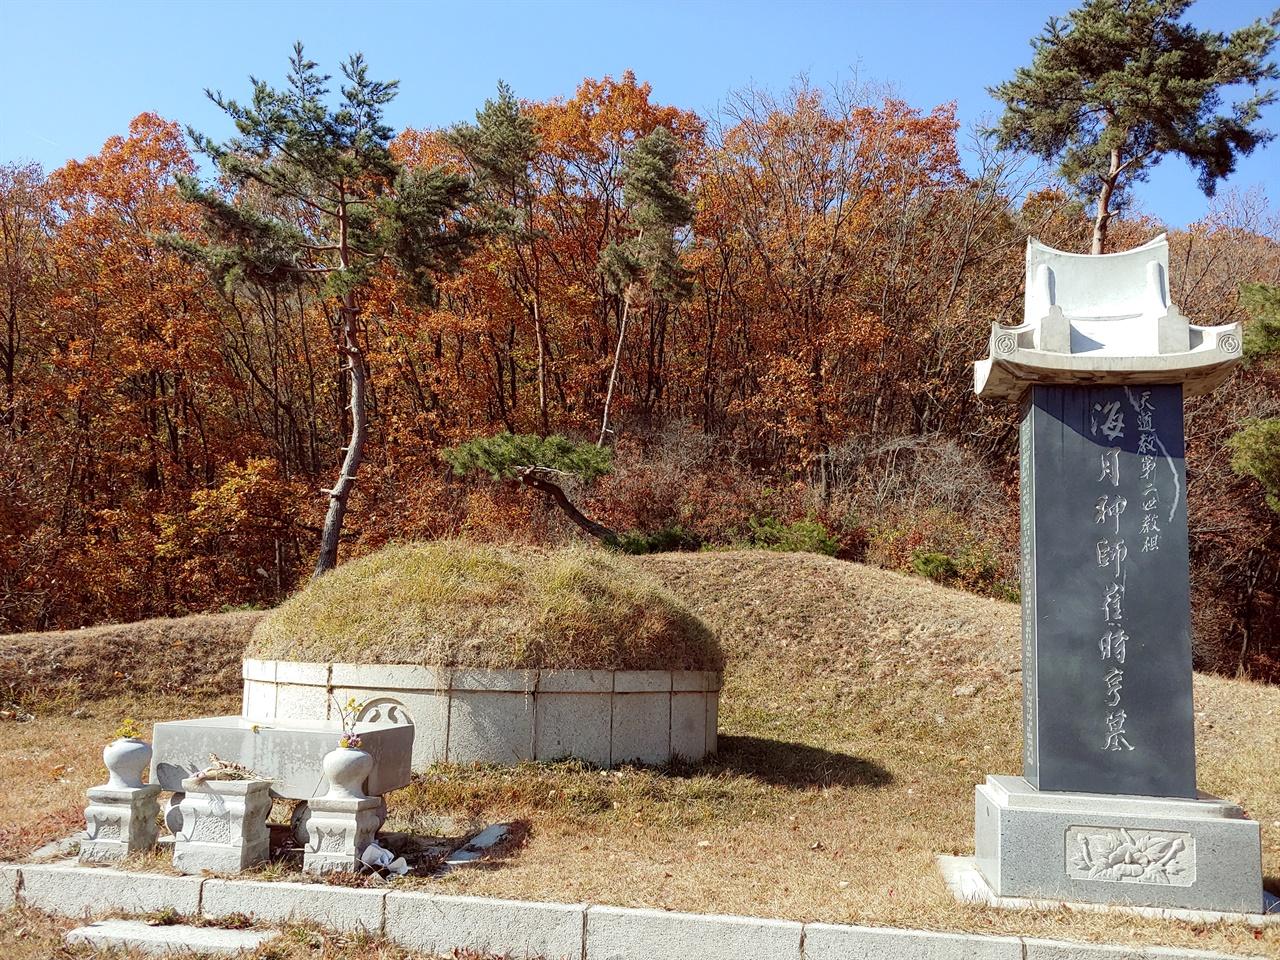 최시형 선생 묘소 경기도 여주군 금사면 주록리 천덕산